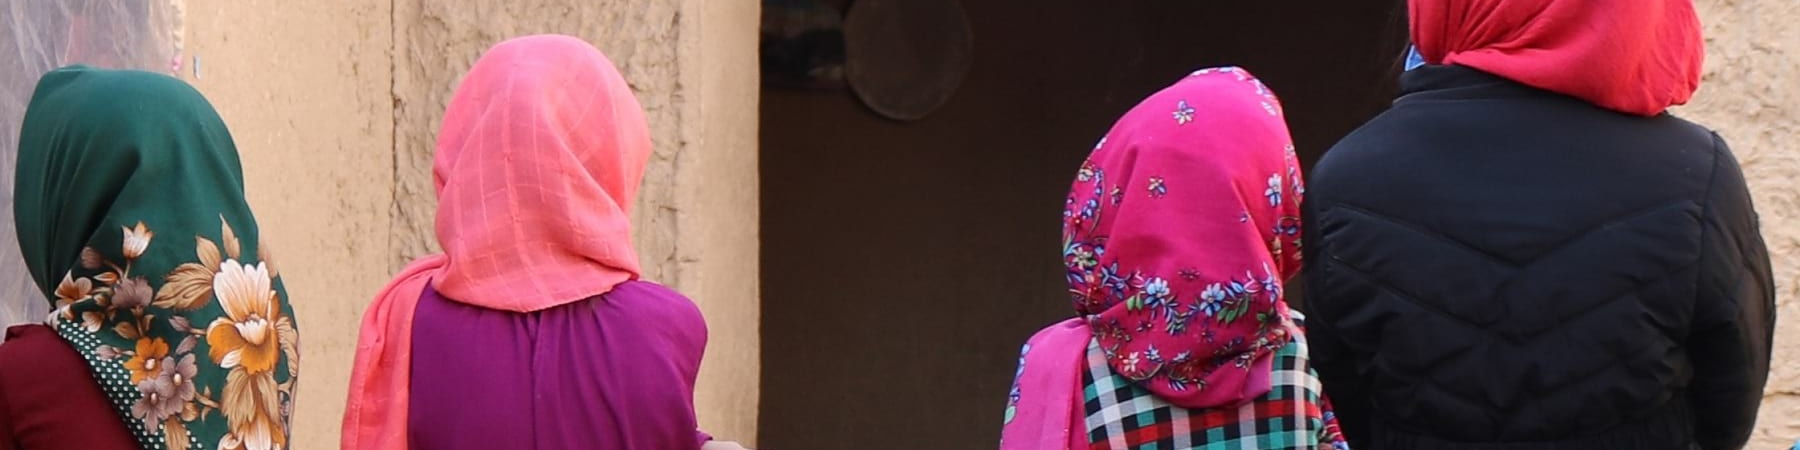 4 bambine afghane di spalle si tengono per mano, indossano chador e vestiti colorati